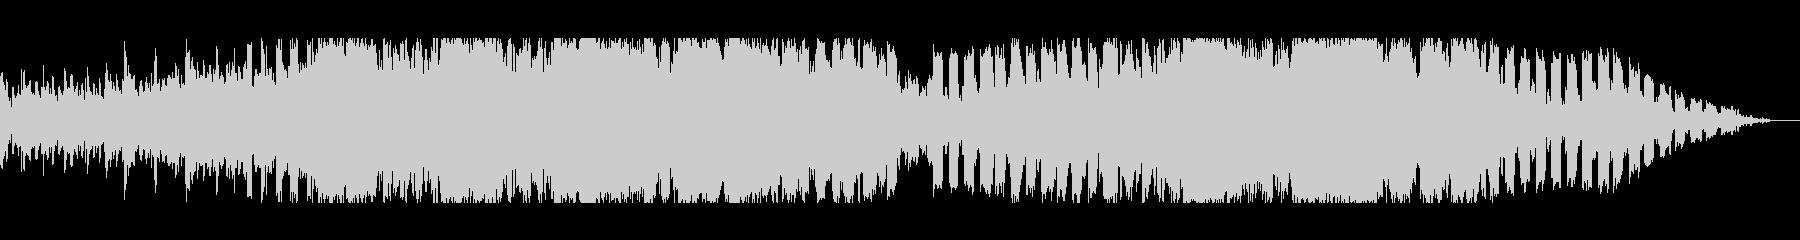 クールで冷たいエレクトロニカの未再生の波形